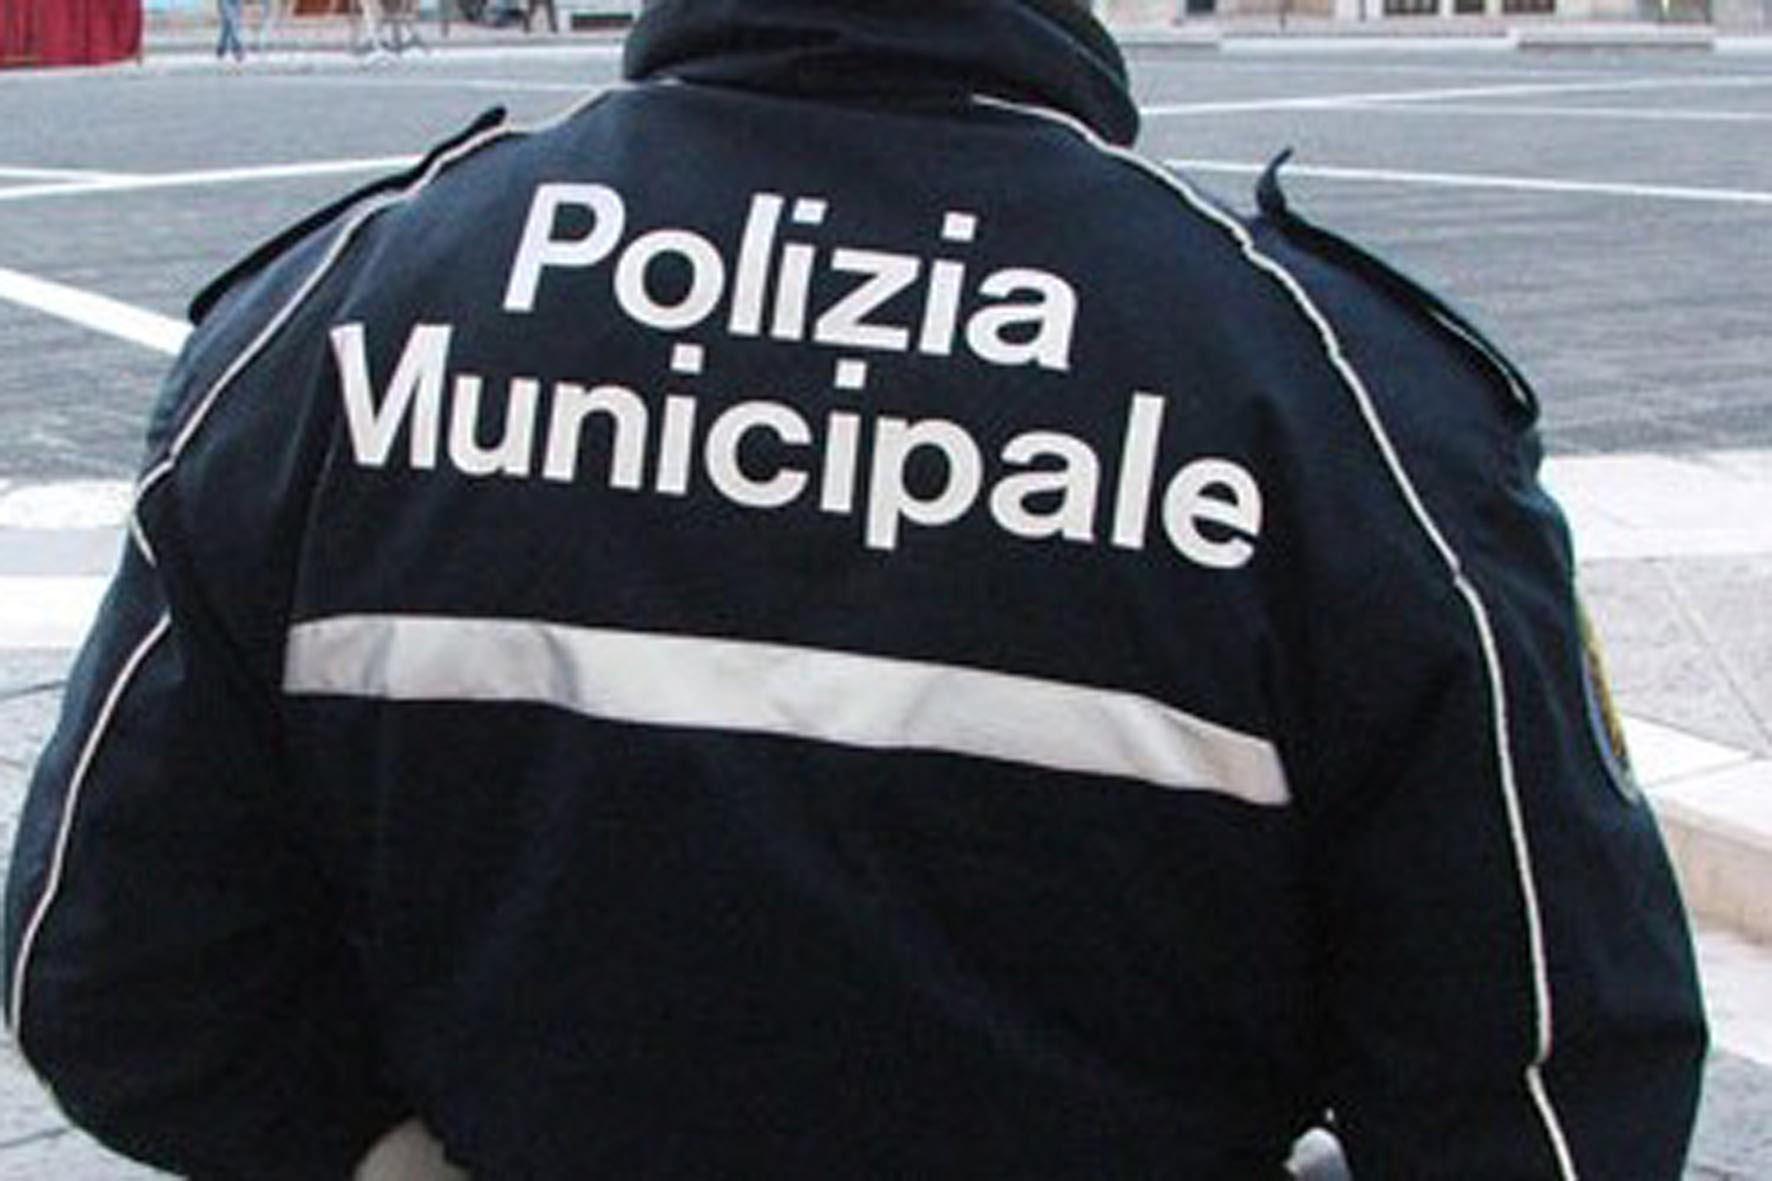 Tutela dei minori, prosegue l'attività preventiva della Polizia Municipale